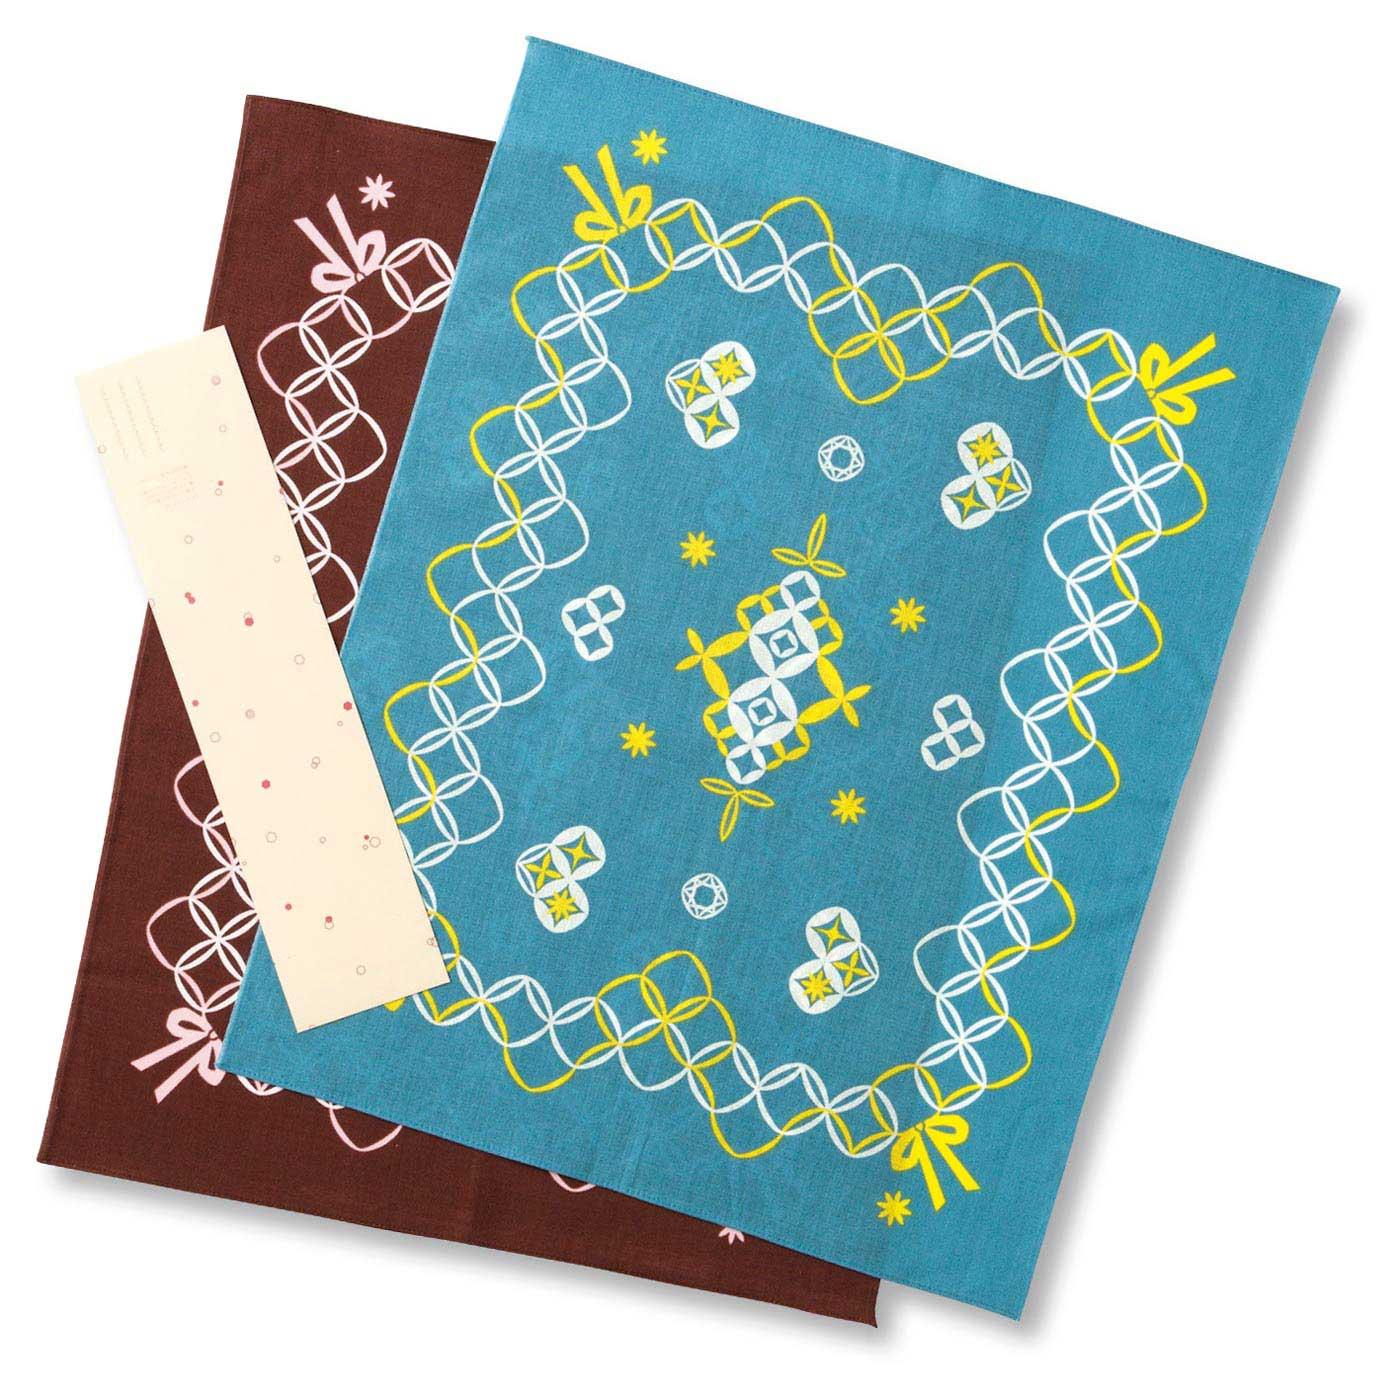 色違いの2枚セット。てぬぐいに使われる「岡」という生地を使用。上下の端は三巻縫いされているからほつれにくく、使いやすい。